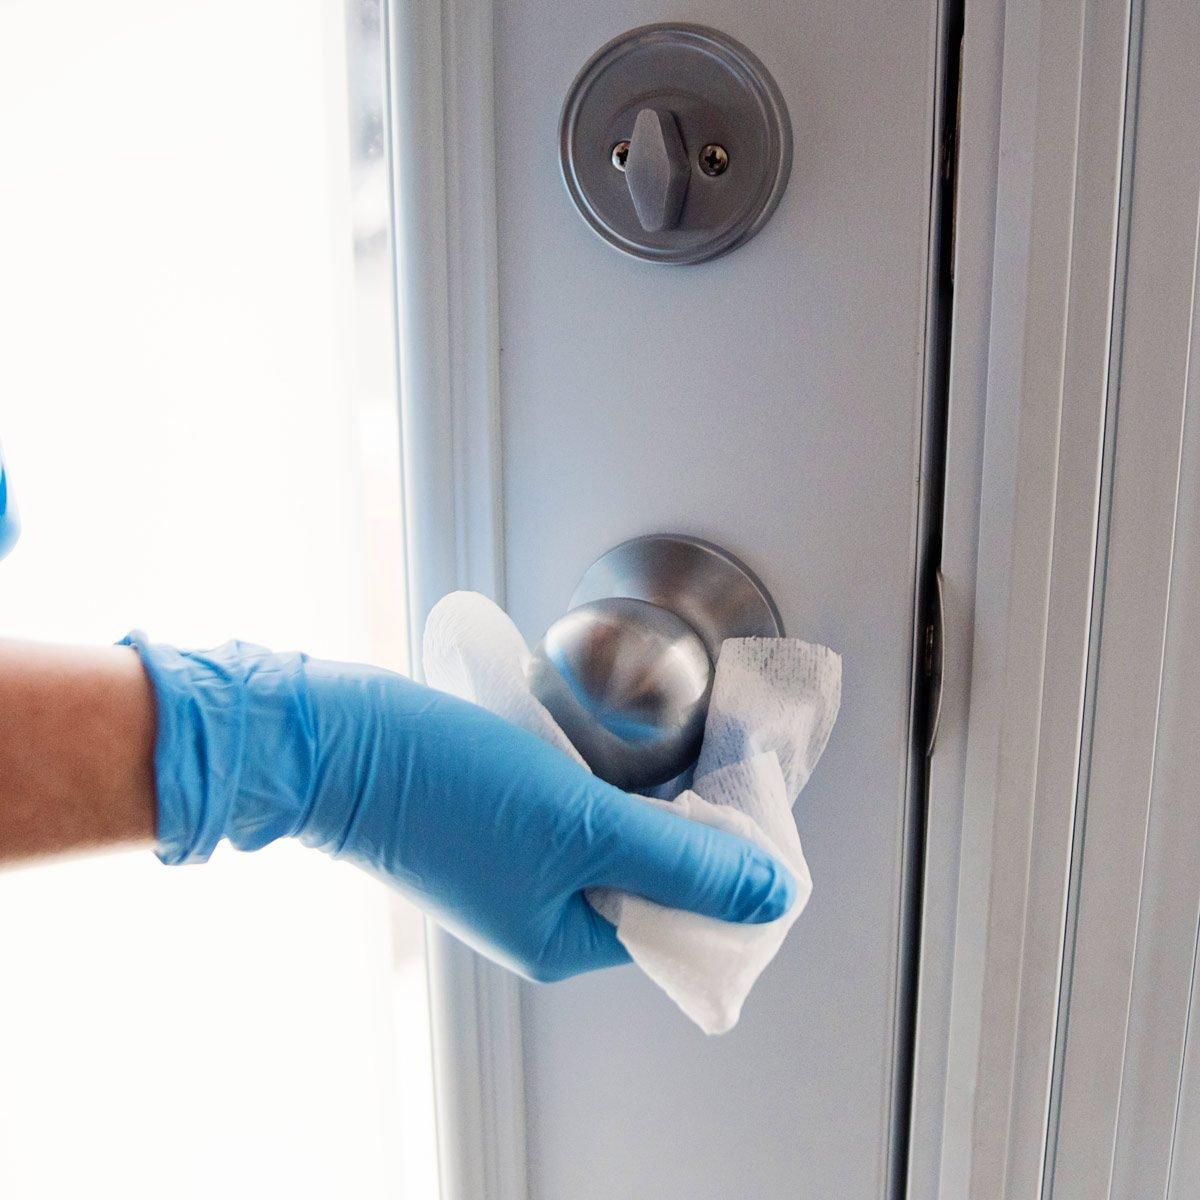 Hands with glove wiping doorknob antibacterial wipe